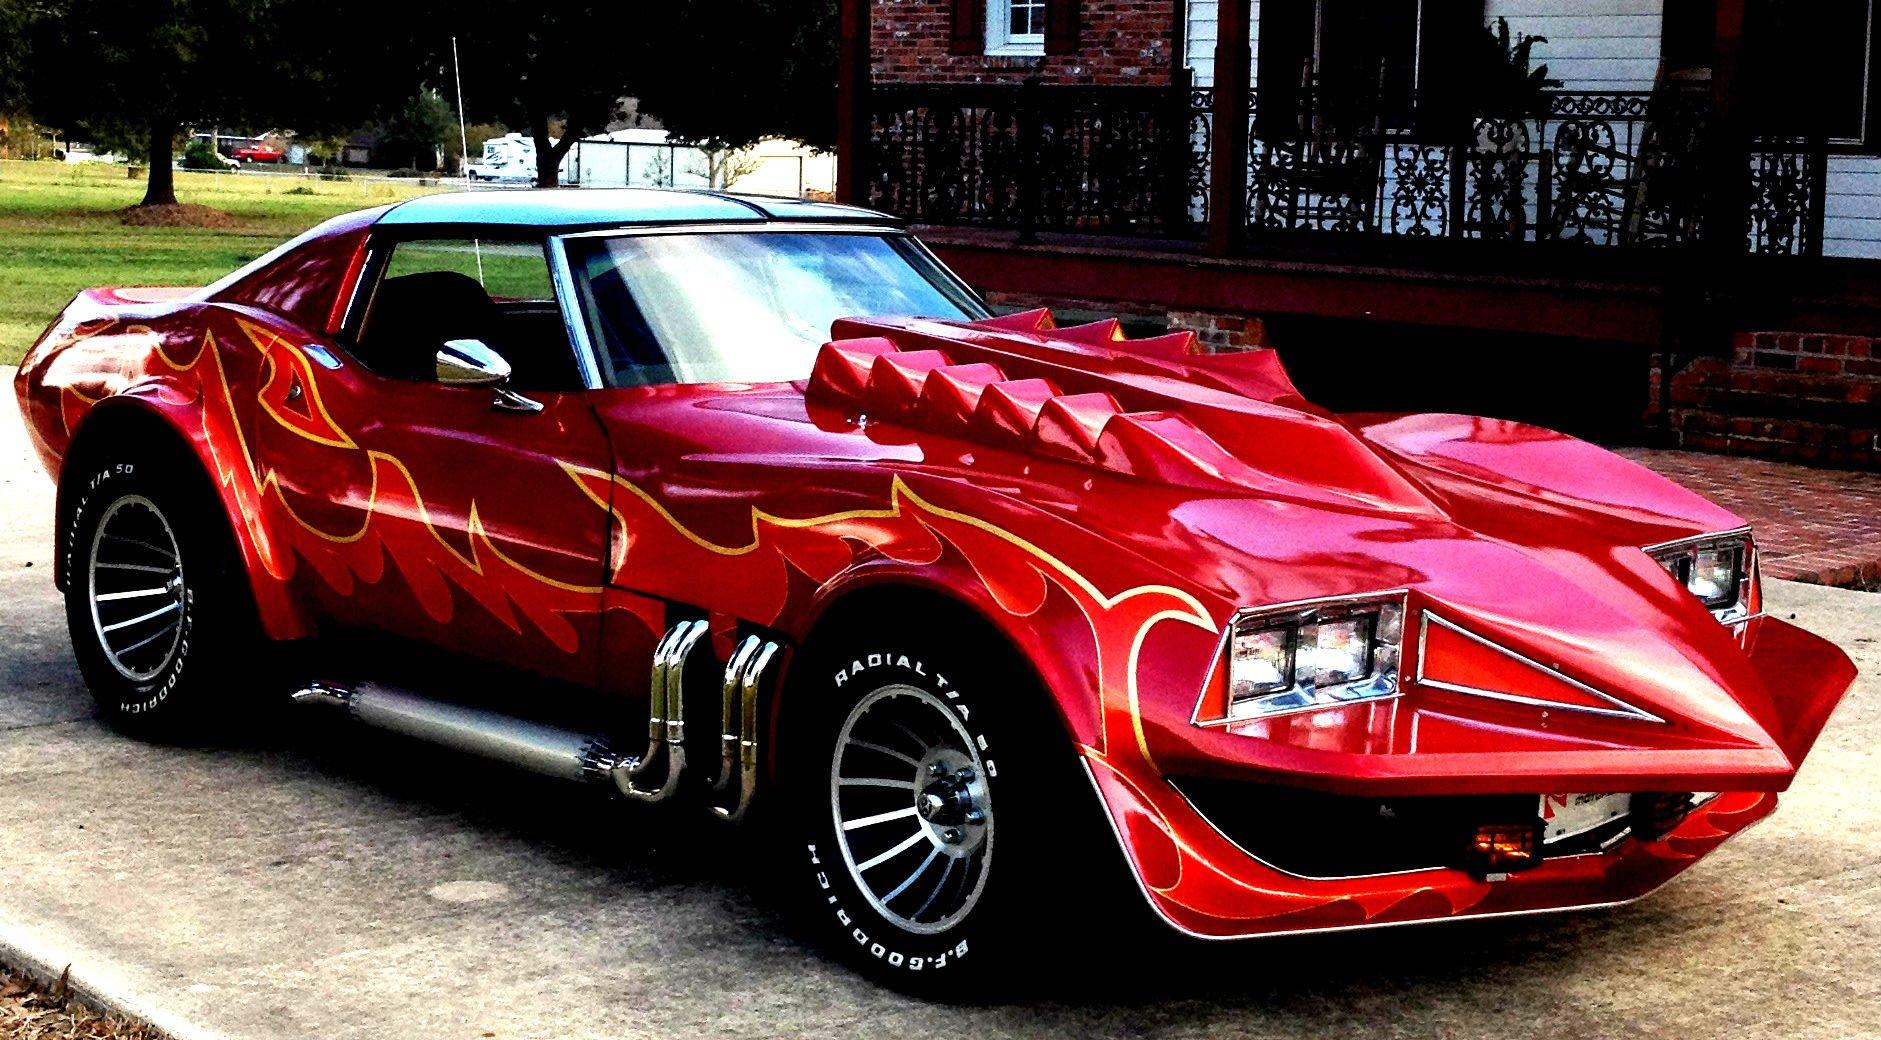 1978 Chevrolet Corvette Stingray Roadster Corvette-Summer (C3) movie film concept supercar ...